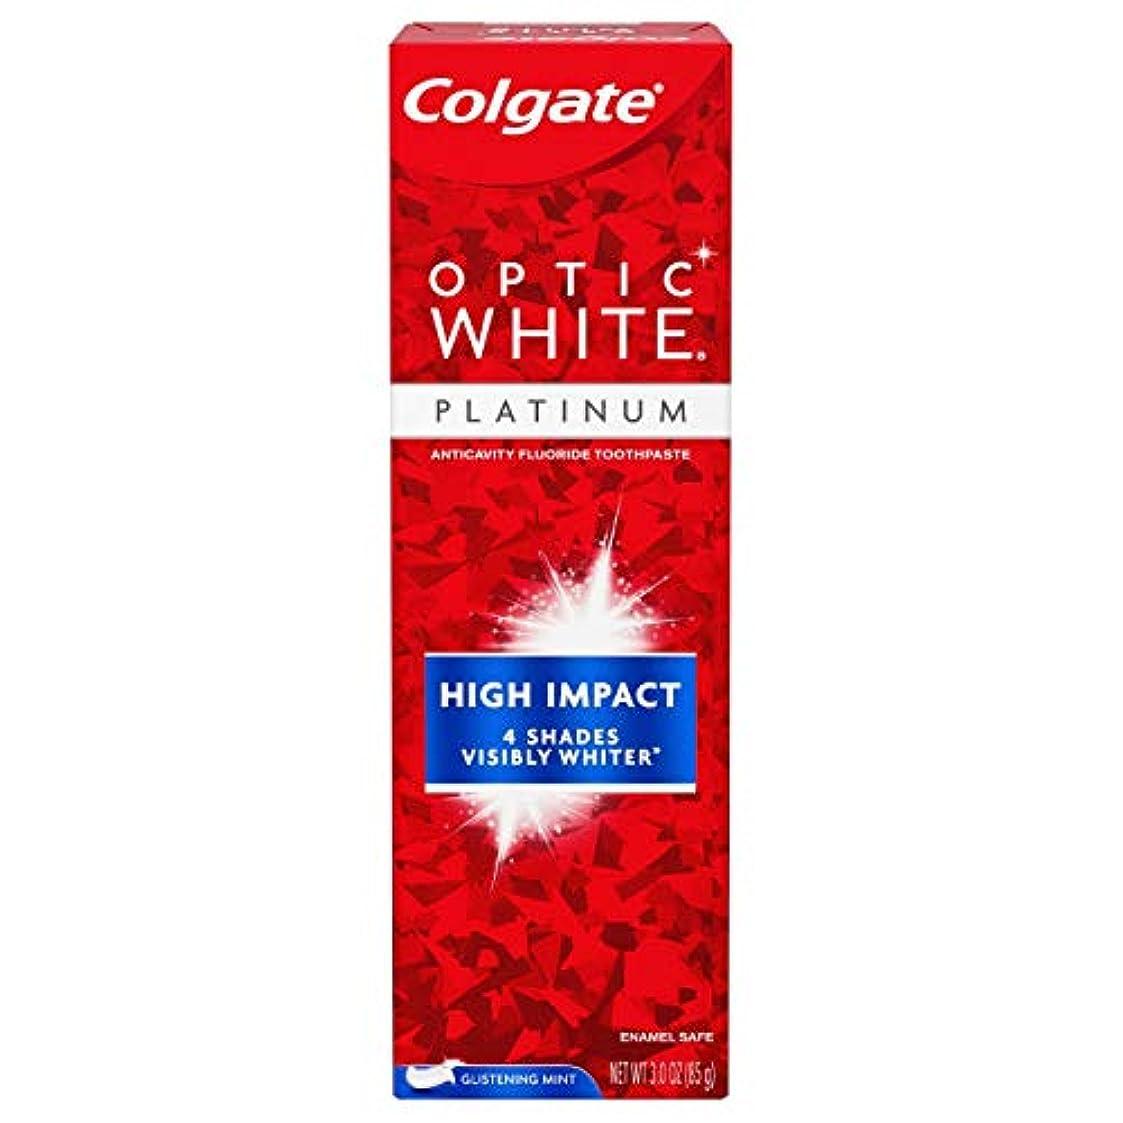 良心的ベーシック意図的Colgate Optic White High Impact White 練り歯磨き [並行輸入品]